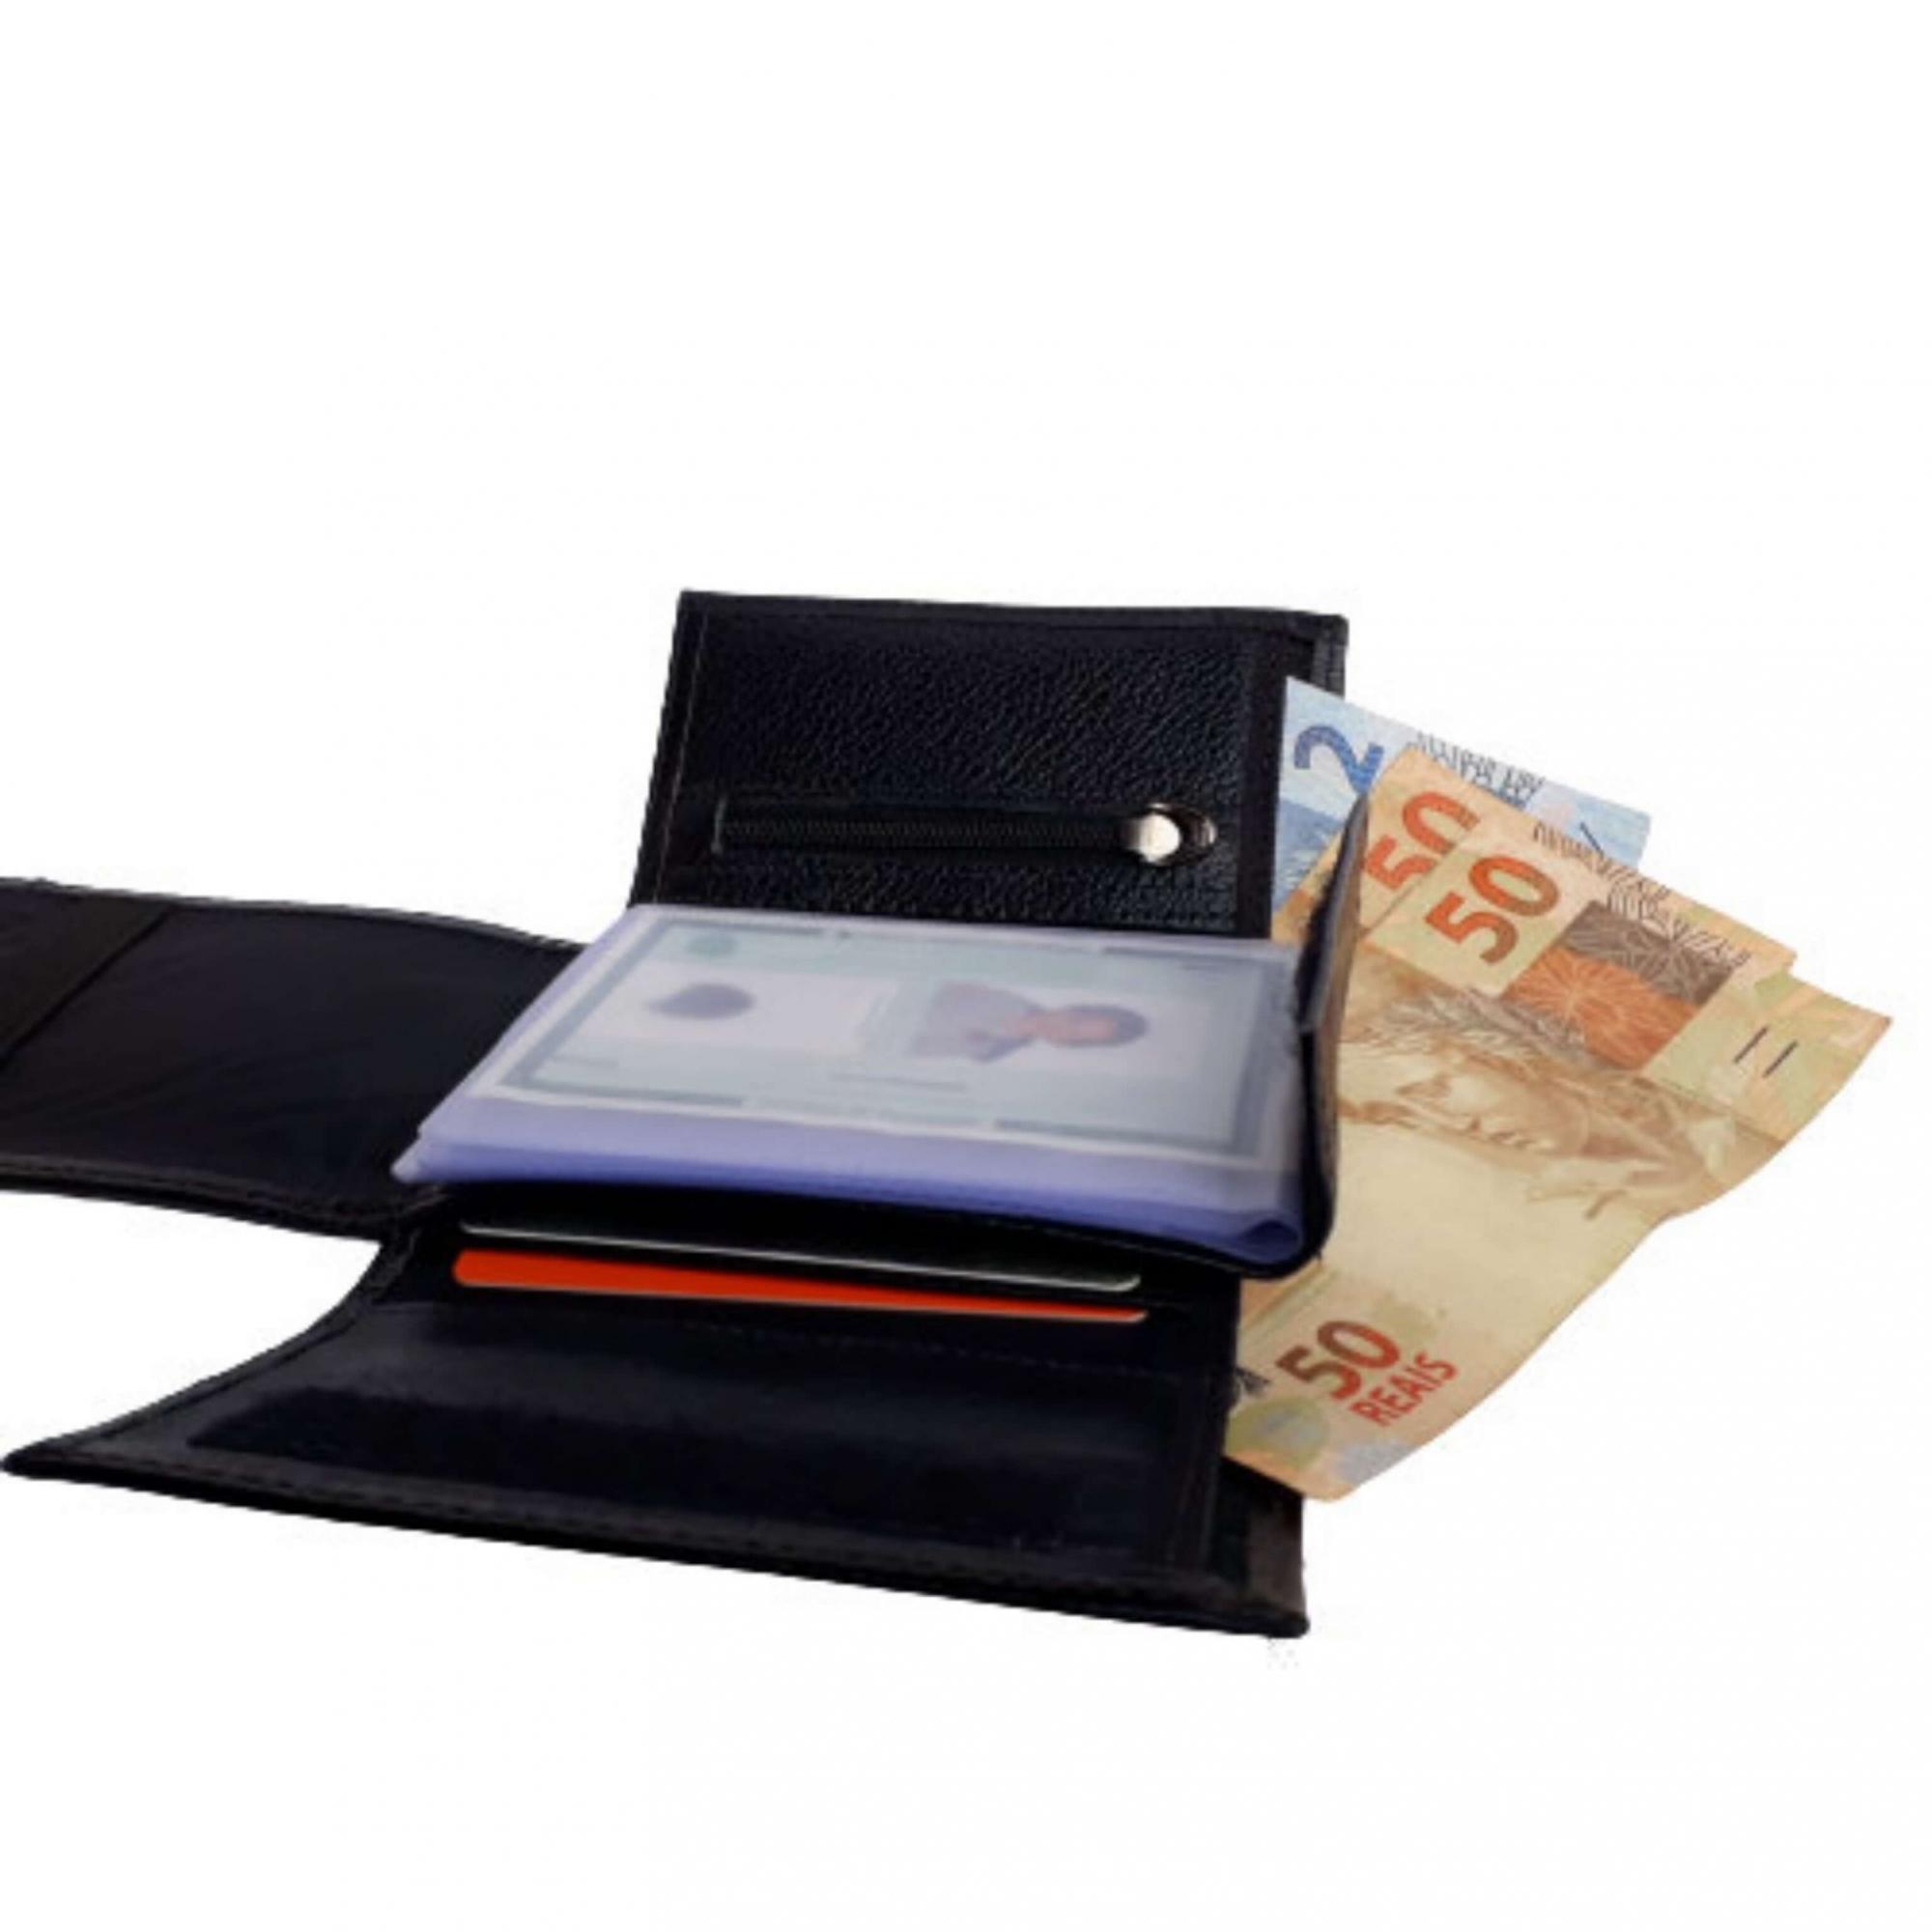 Carteira masculina de couro fecho moderno Porta cartão LK